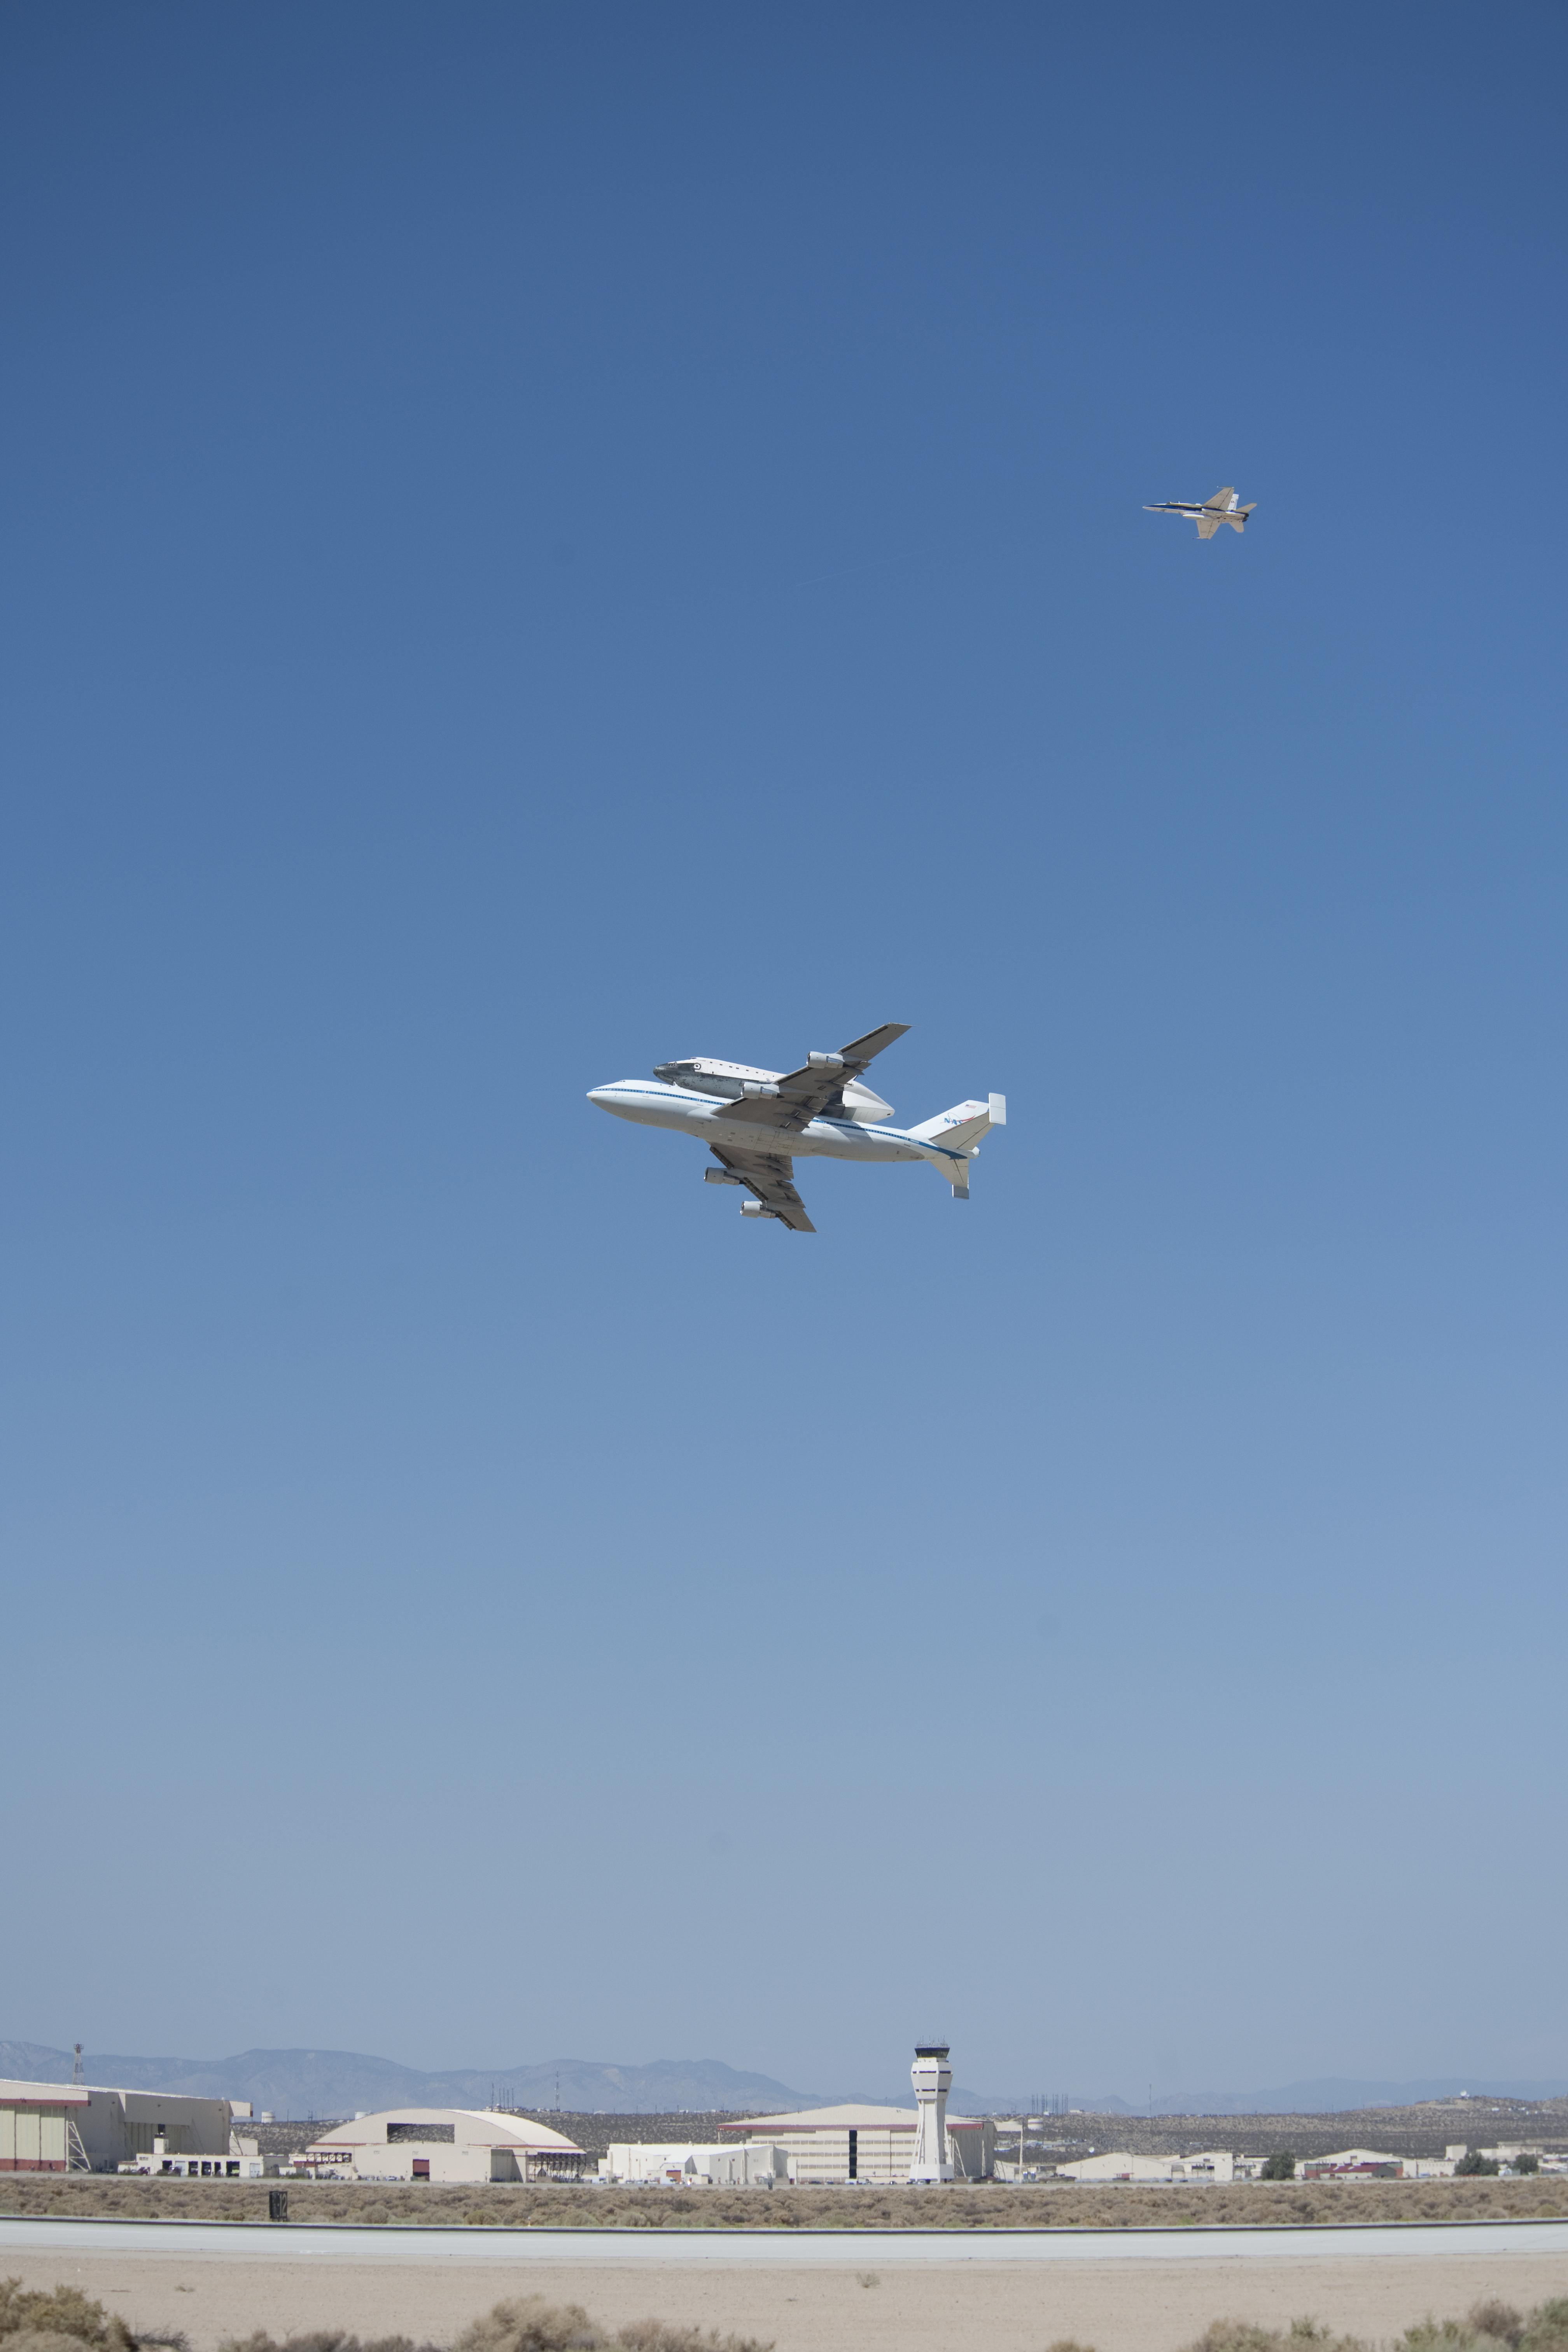 endeavour final flight nasa - photo #27